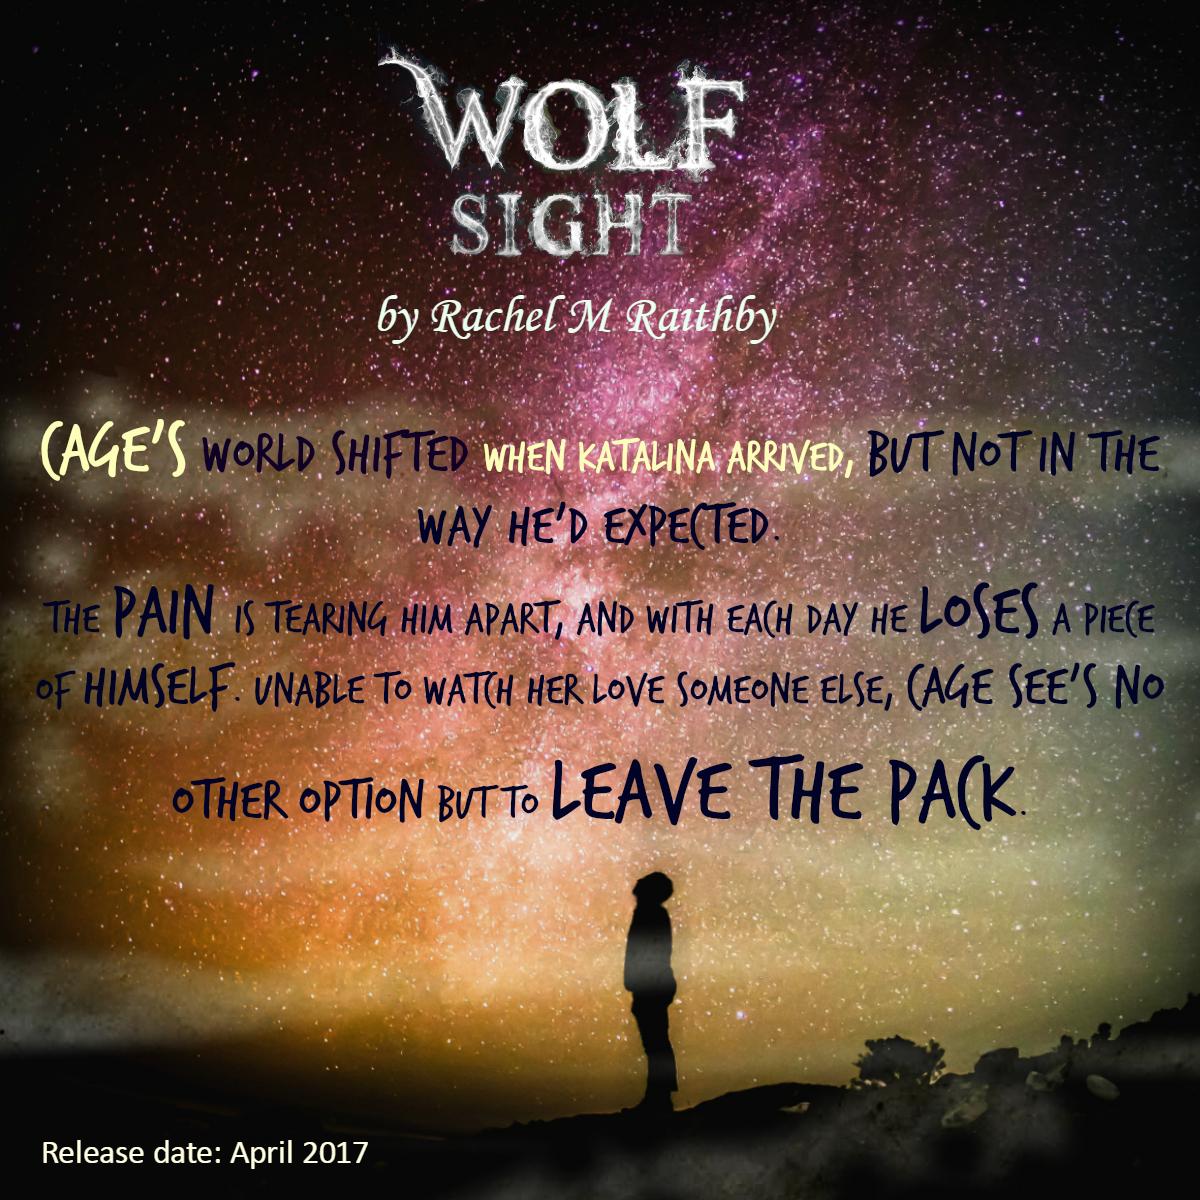 wolf-sight-teaser-1